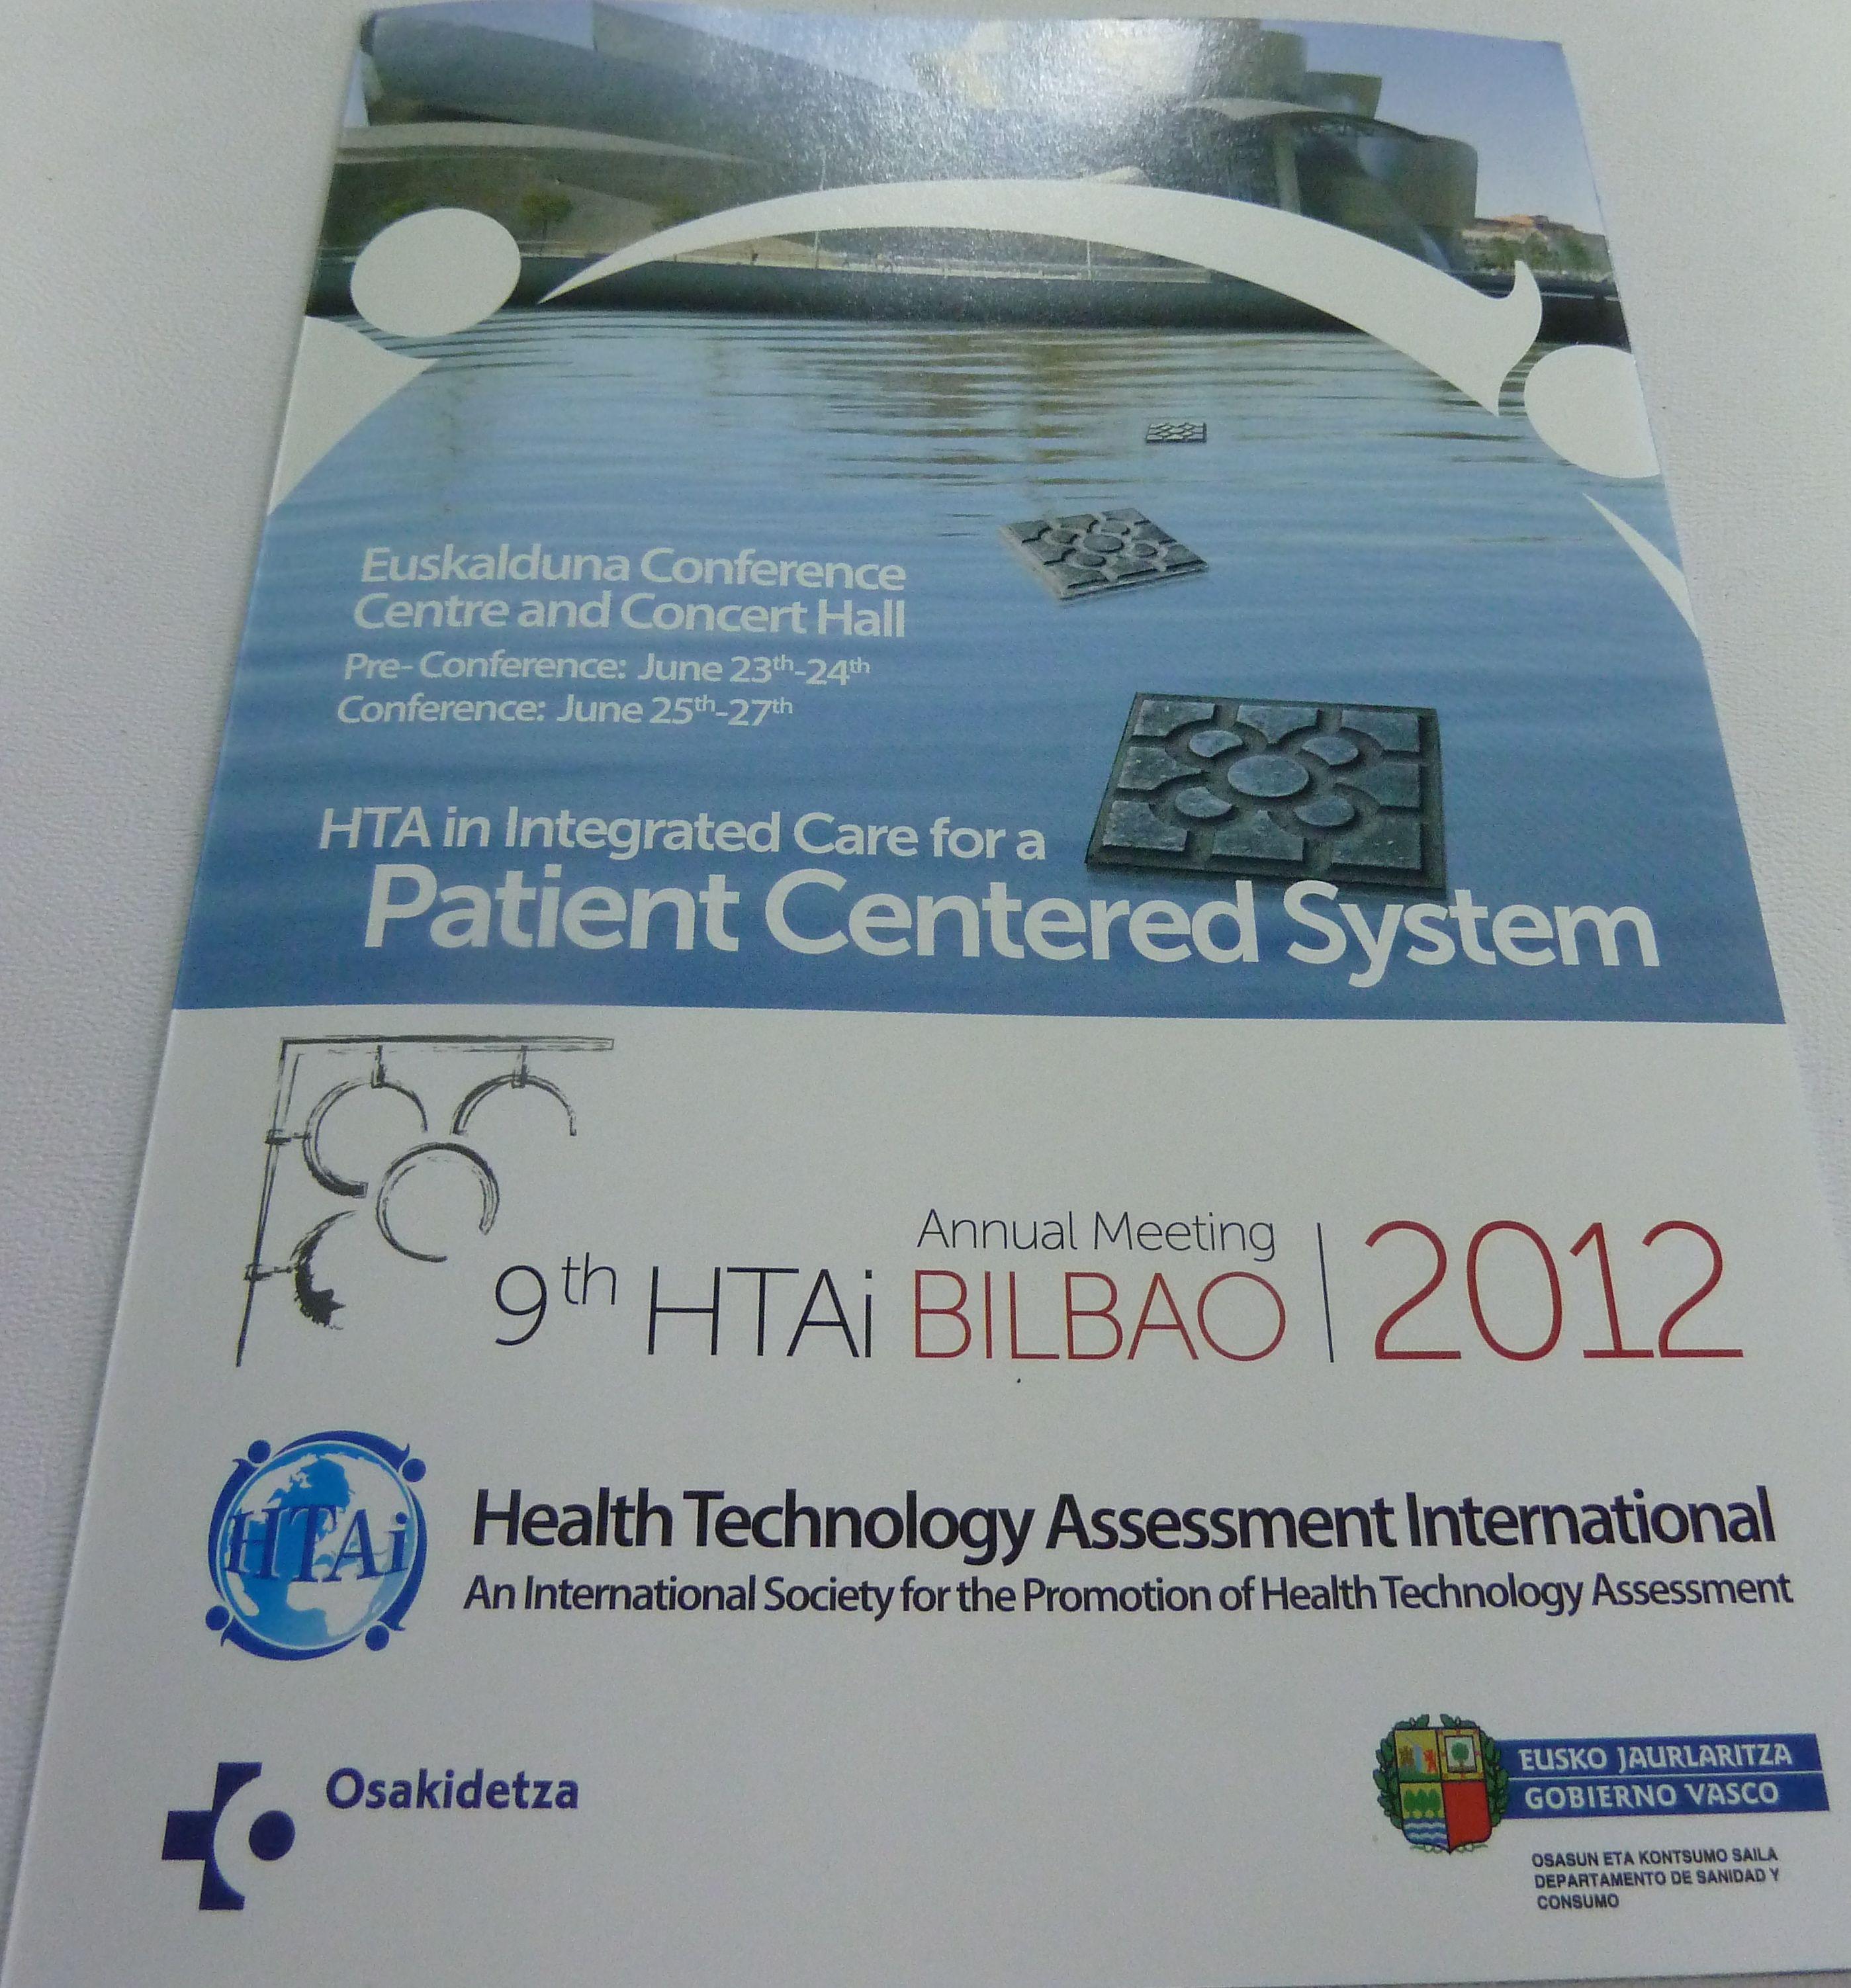 El Gobierno Vasco recibe en Brasil el testigo para realizar la conferencia HTAi 2012 [2:06]